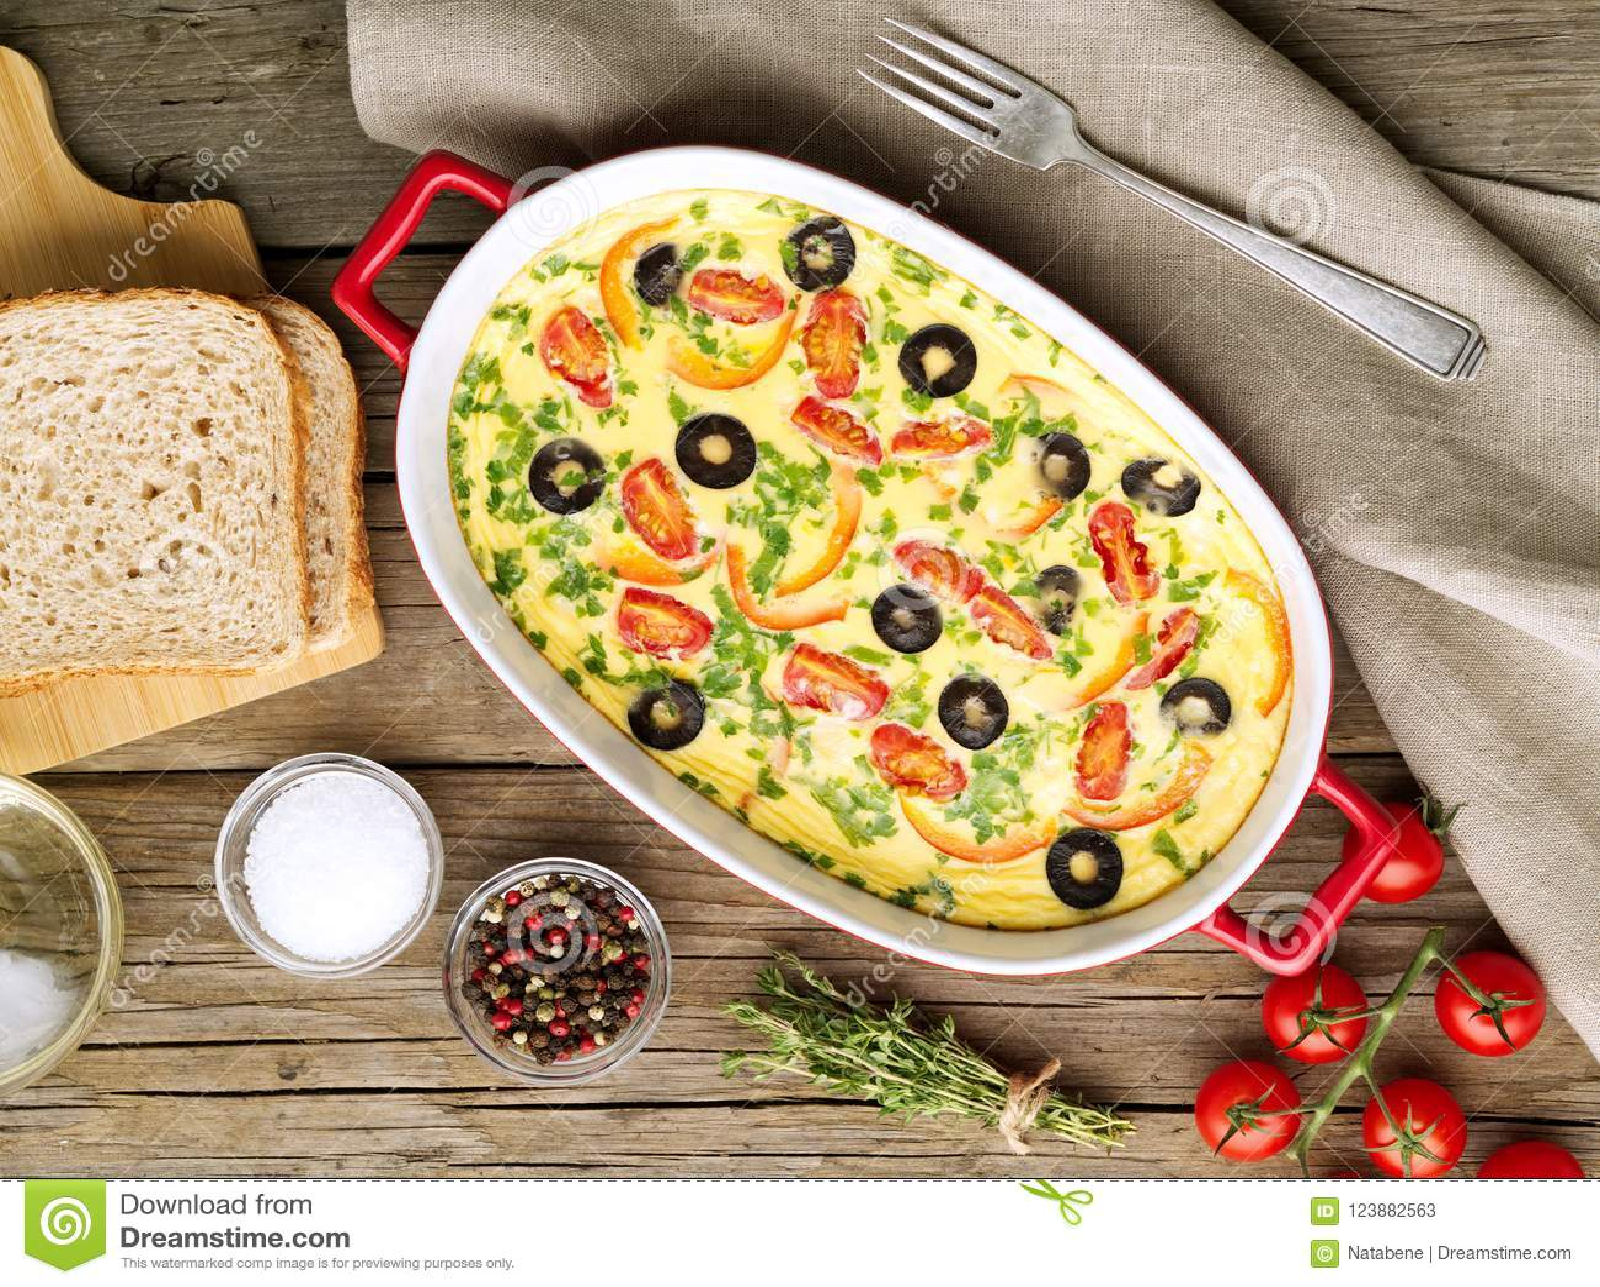 砂锅盘,可口热的煎蛋卷用蕃茄,橄榄,辣椒的果实 老木纹理背景,顶视图